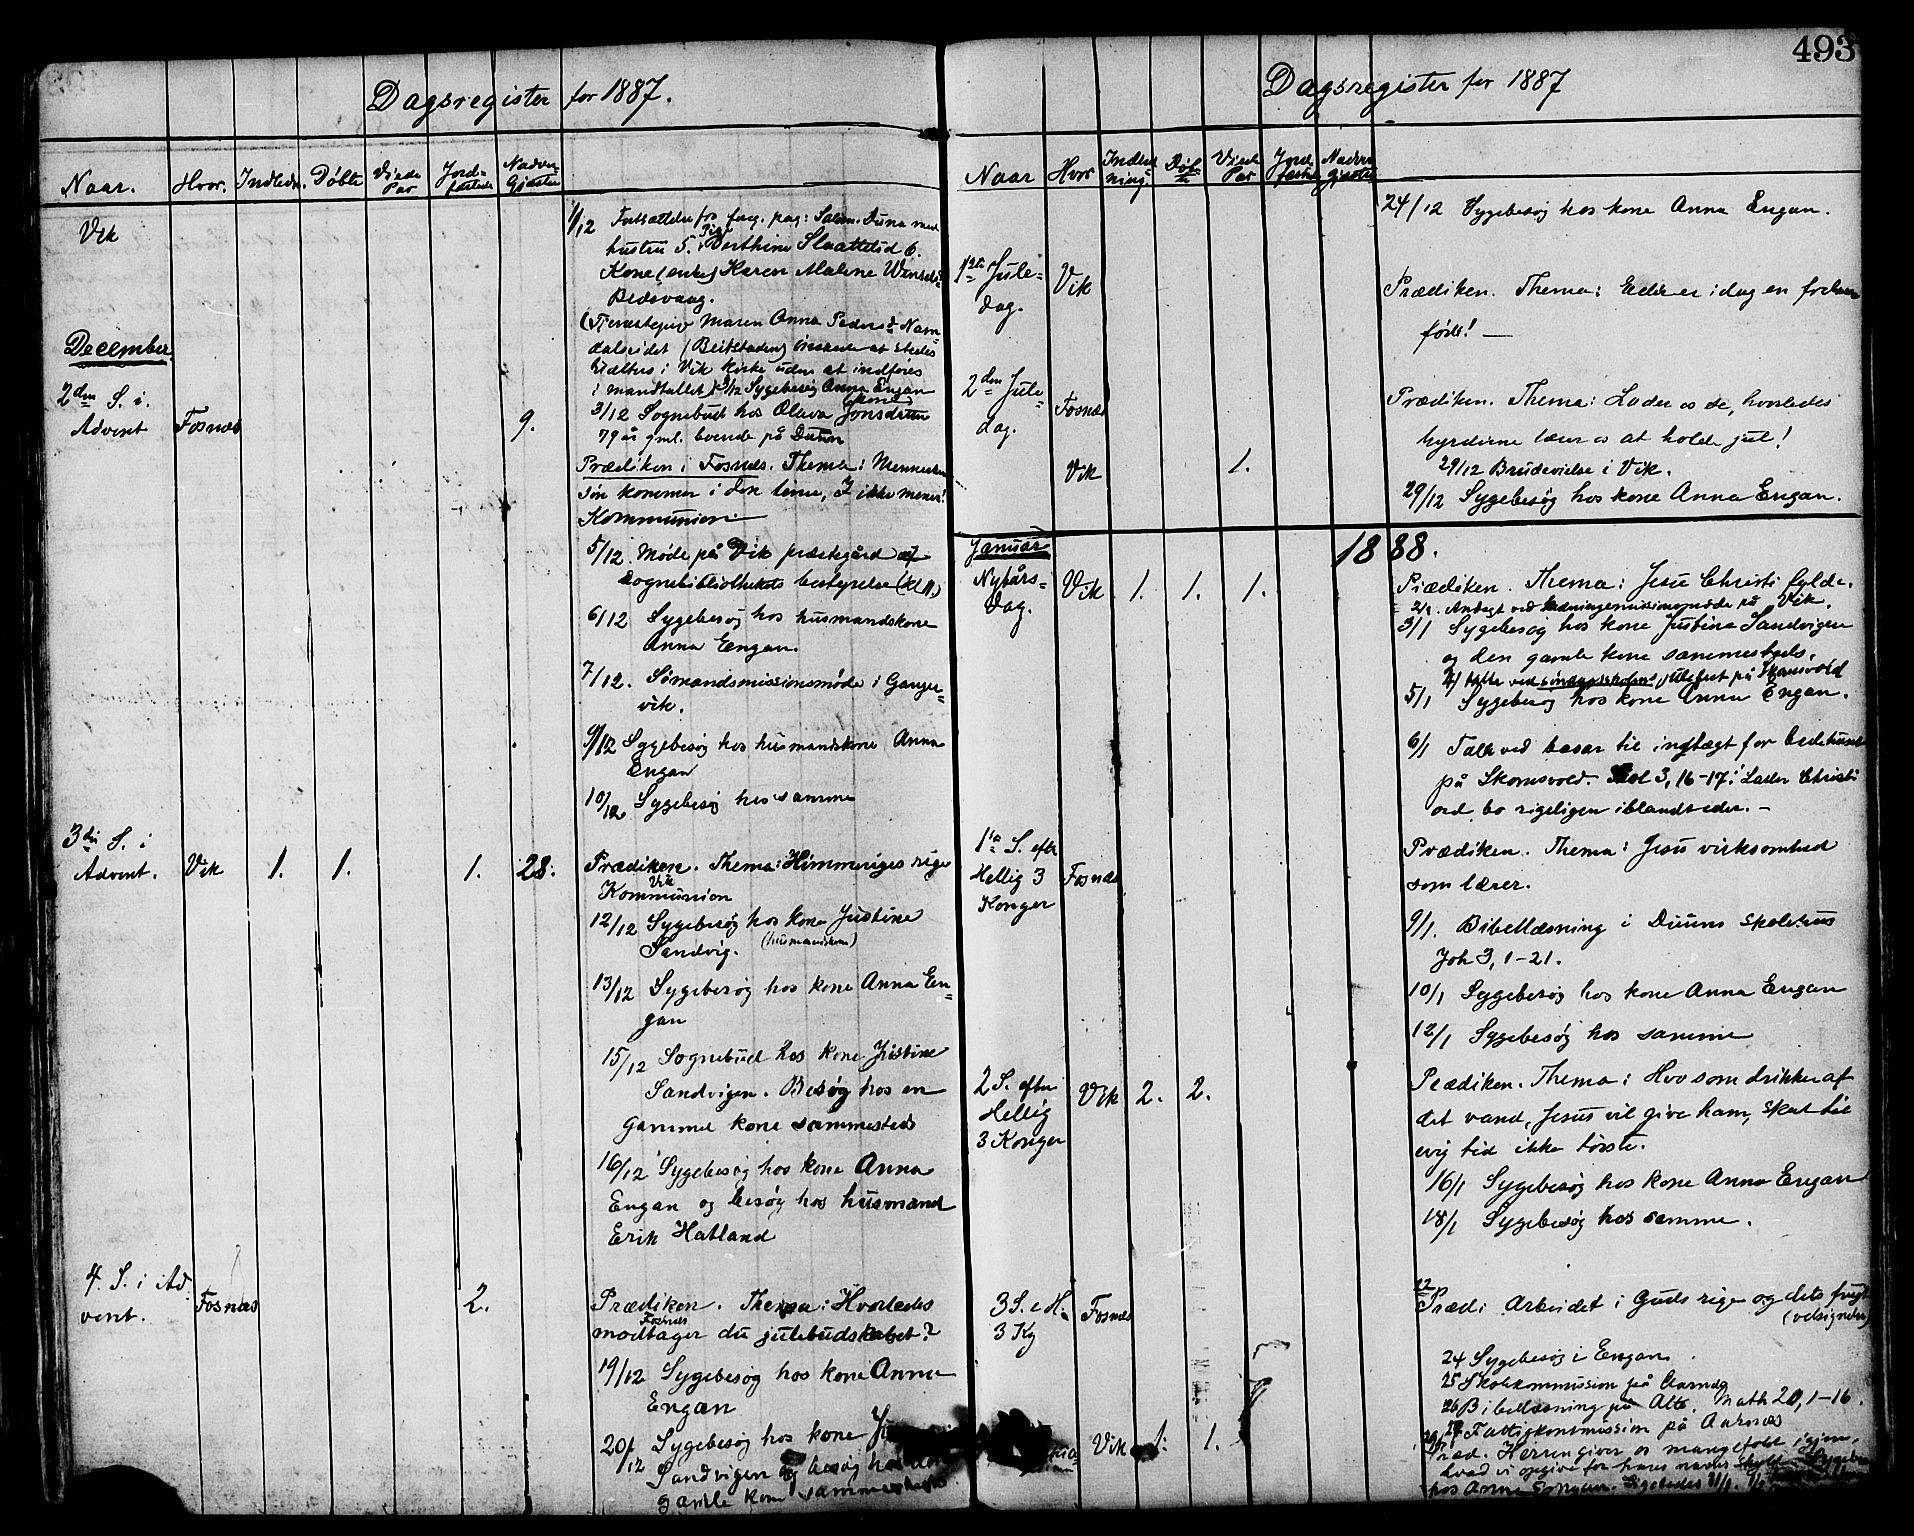 SAT, Ministerialprotokoller, klokkerbøker og fødselsregistre - Nord-Trøndelag, 773/L0616: Ministerialbok nr. 773A07, 1870-1887, s. 493